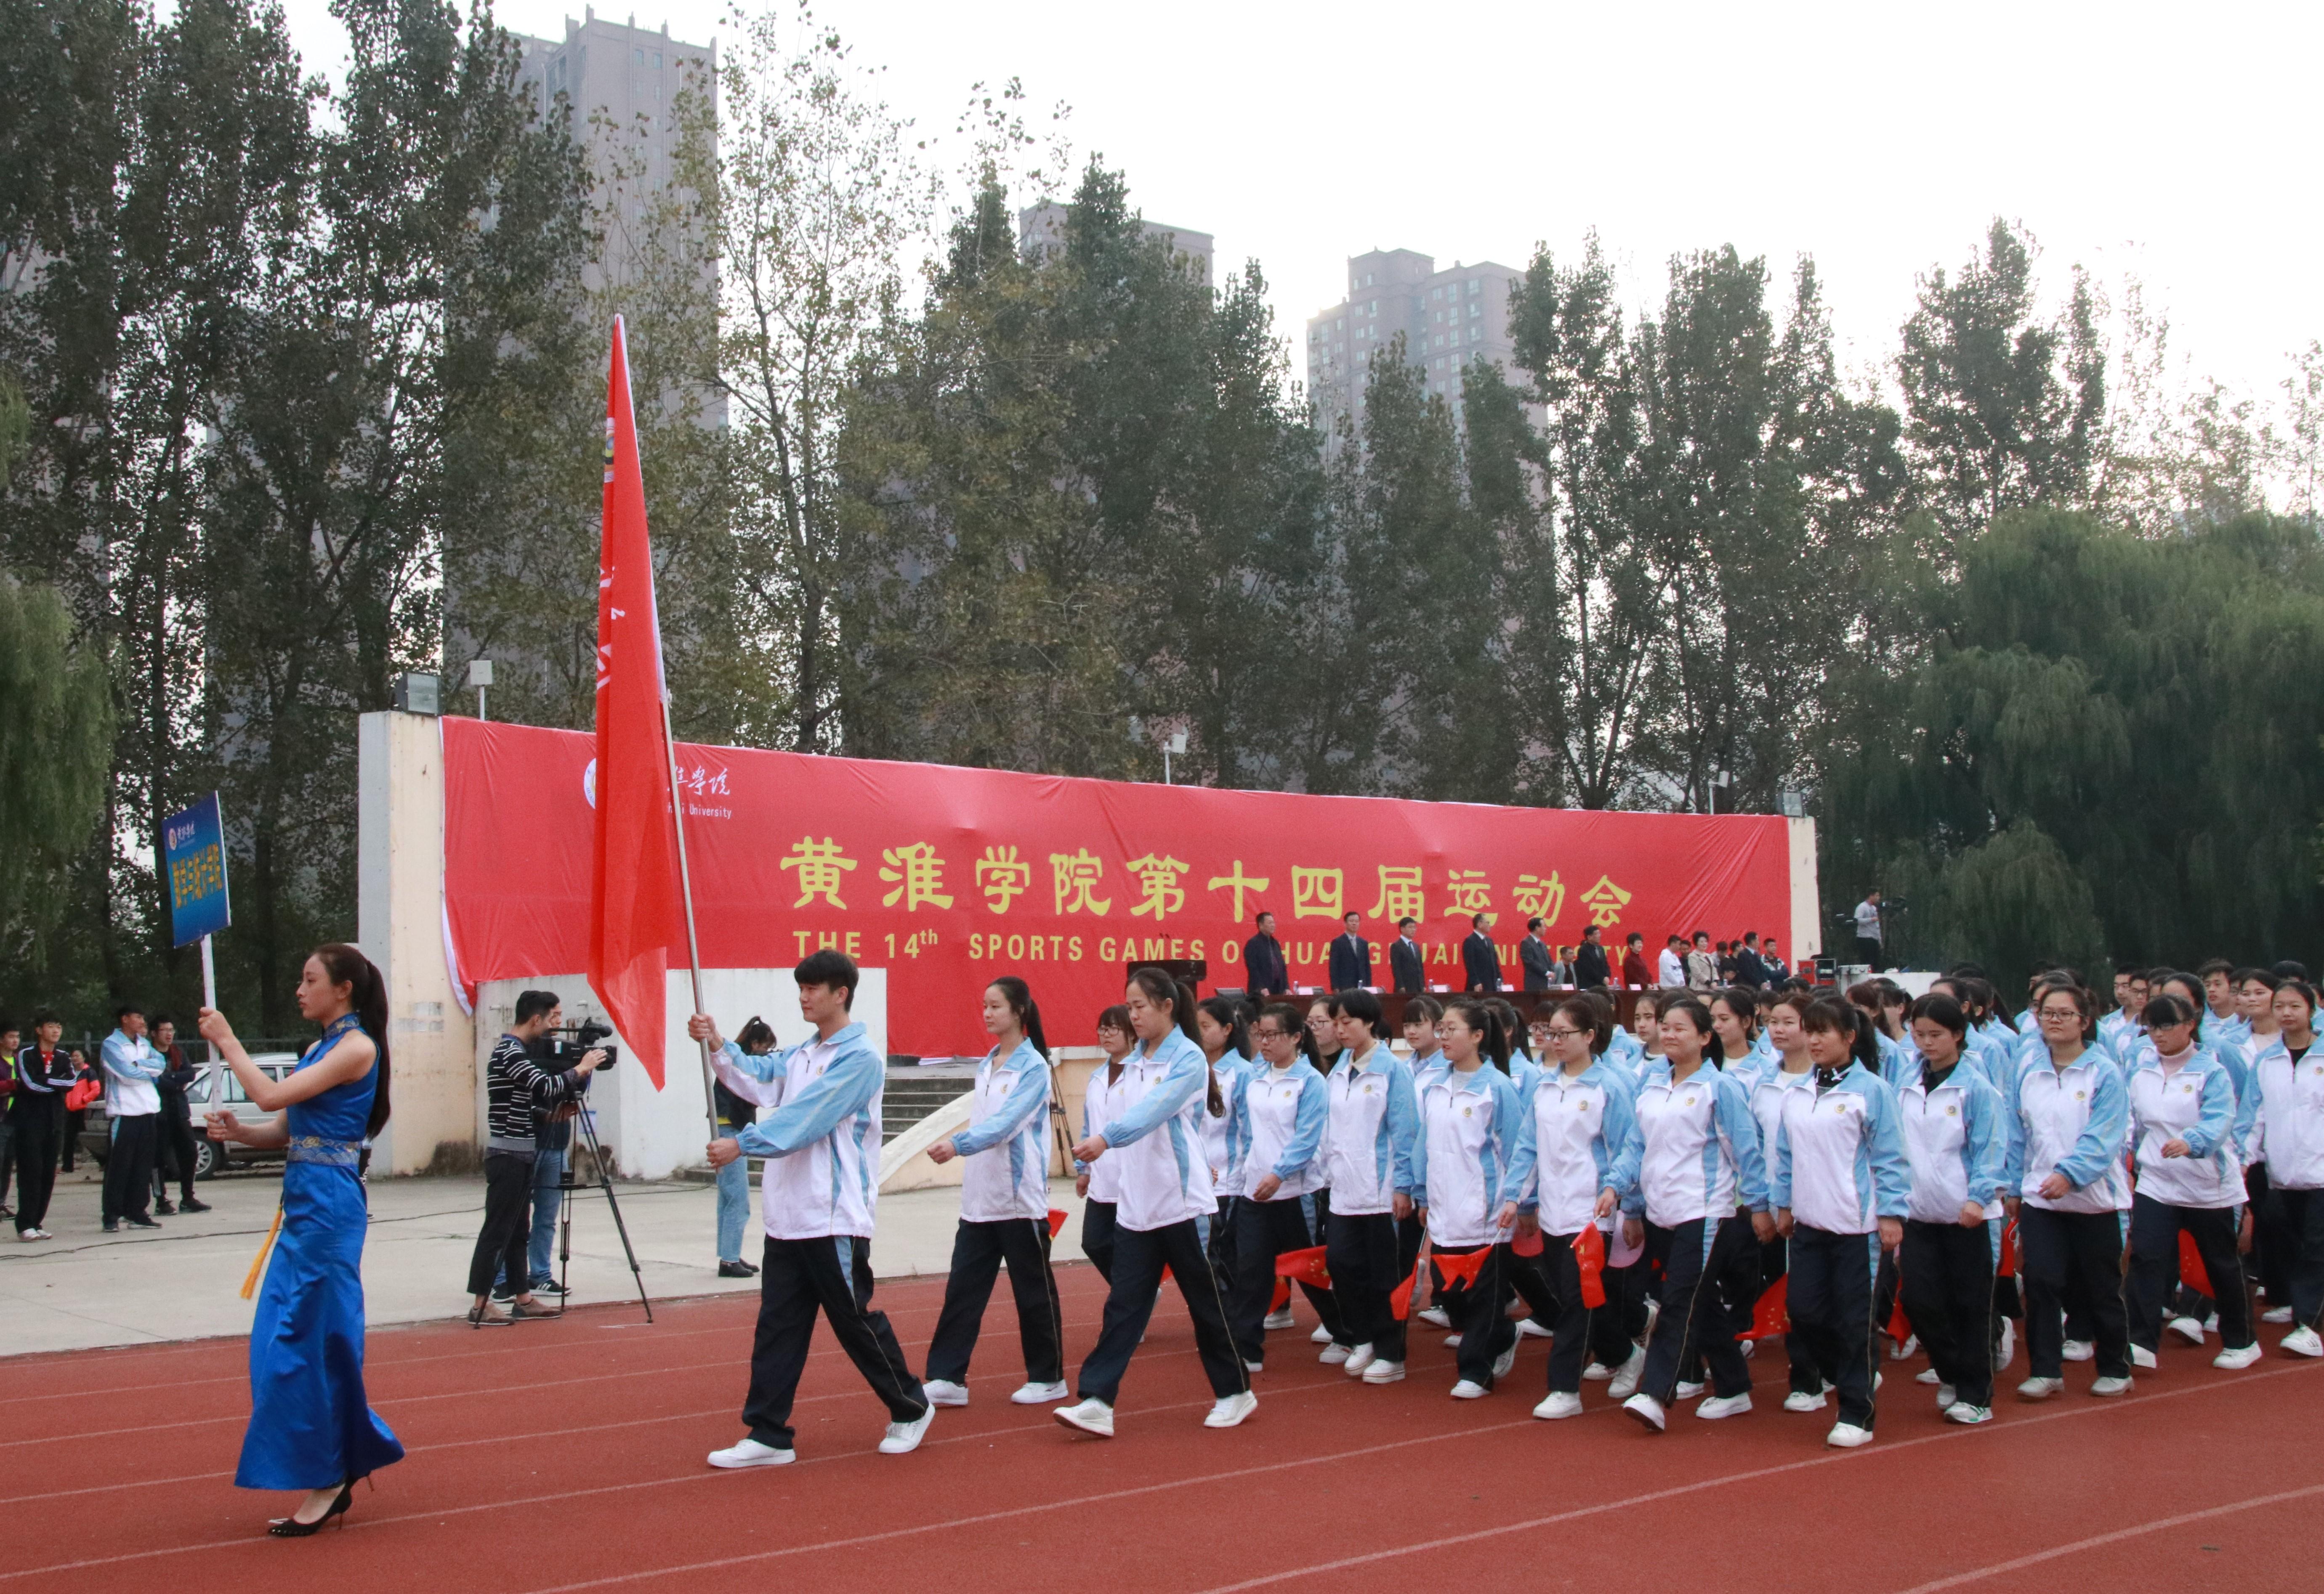 黄淮学院第十四届运动会开幕式